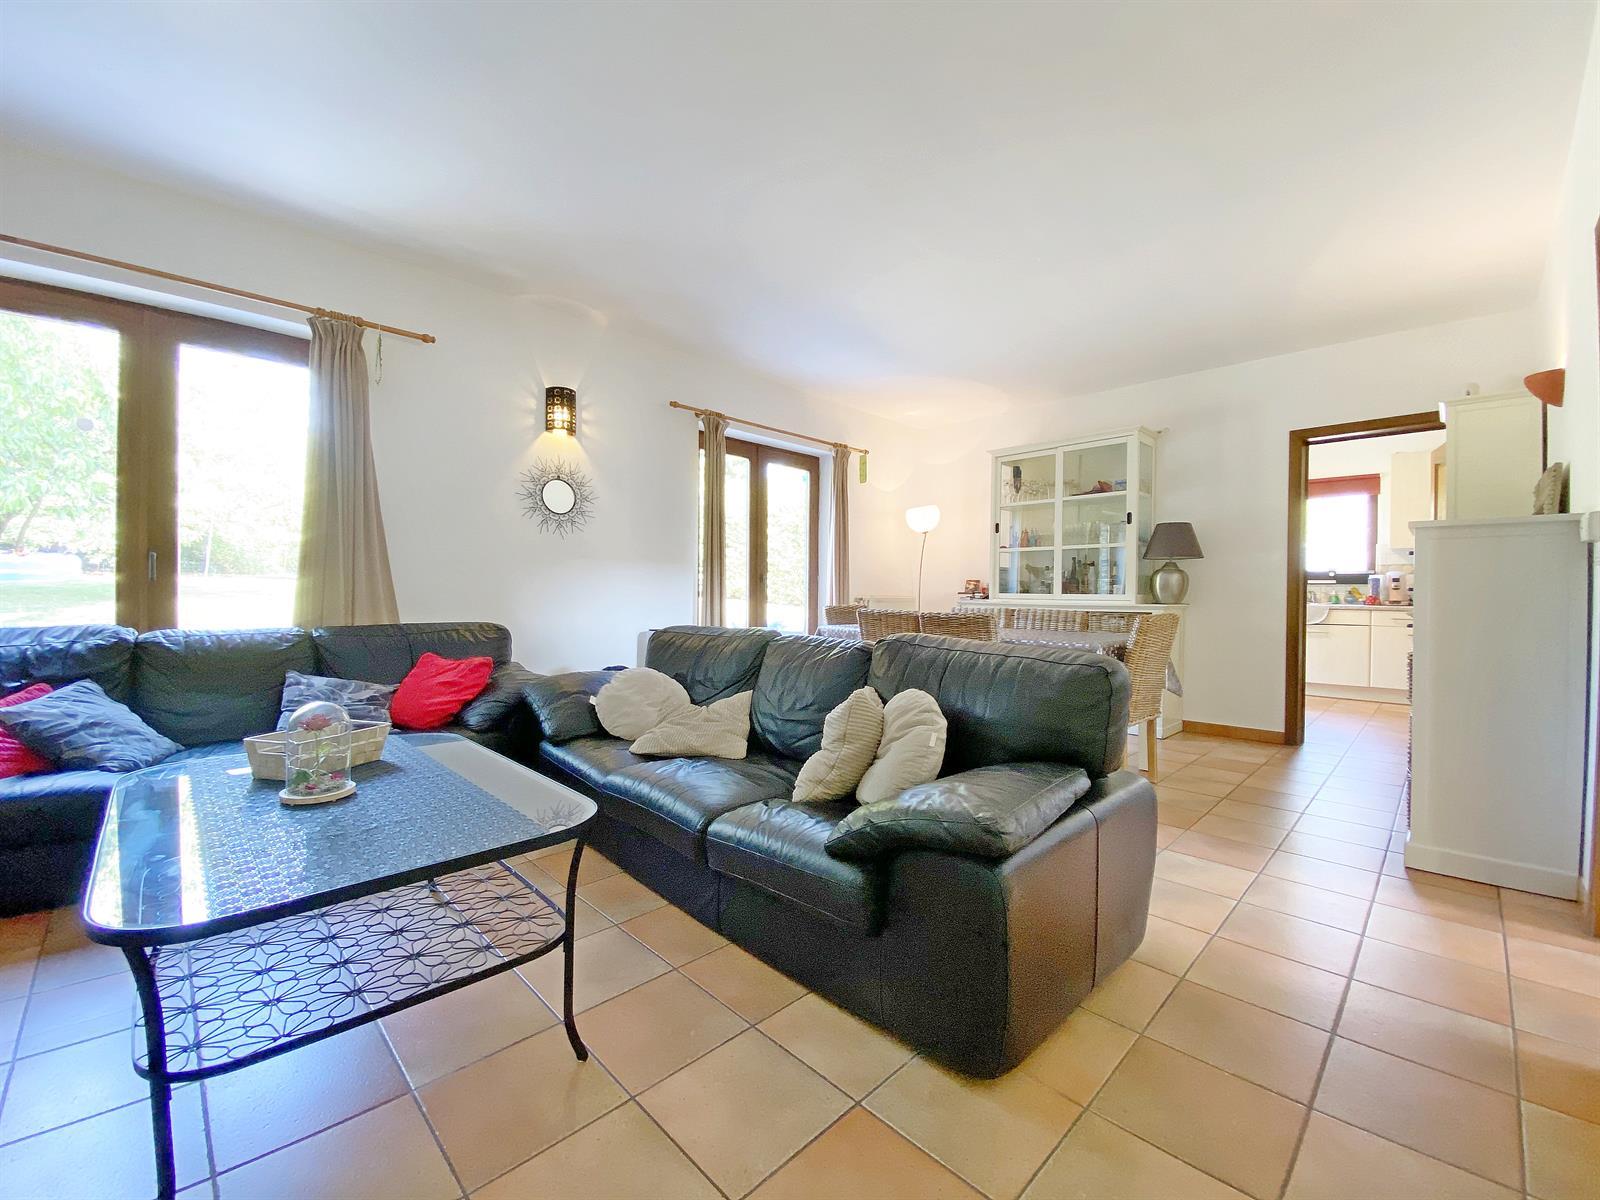 Maison - Aische-en-Refail - #4183531-6